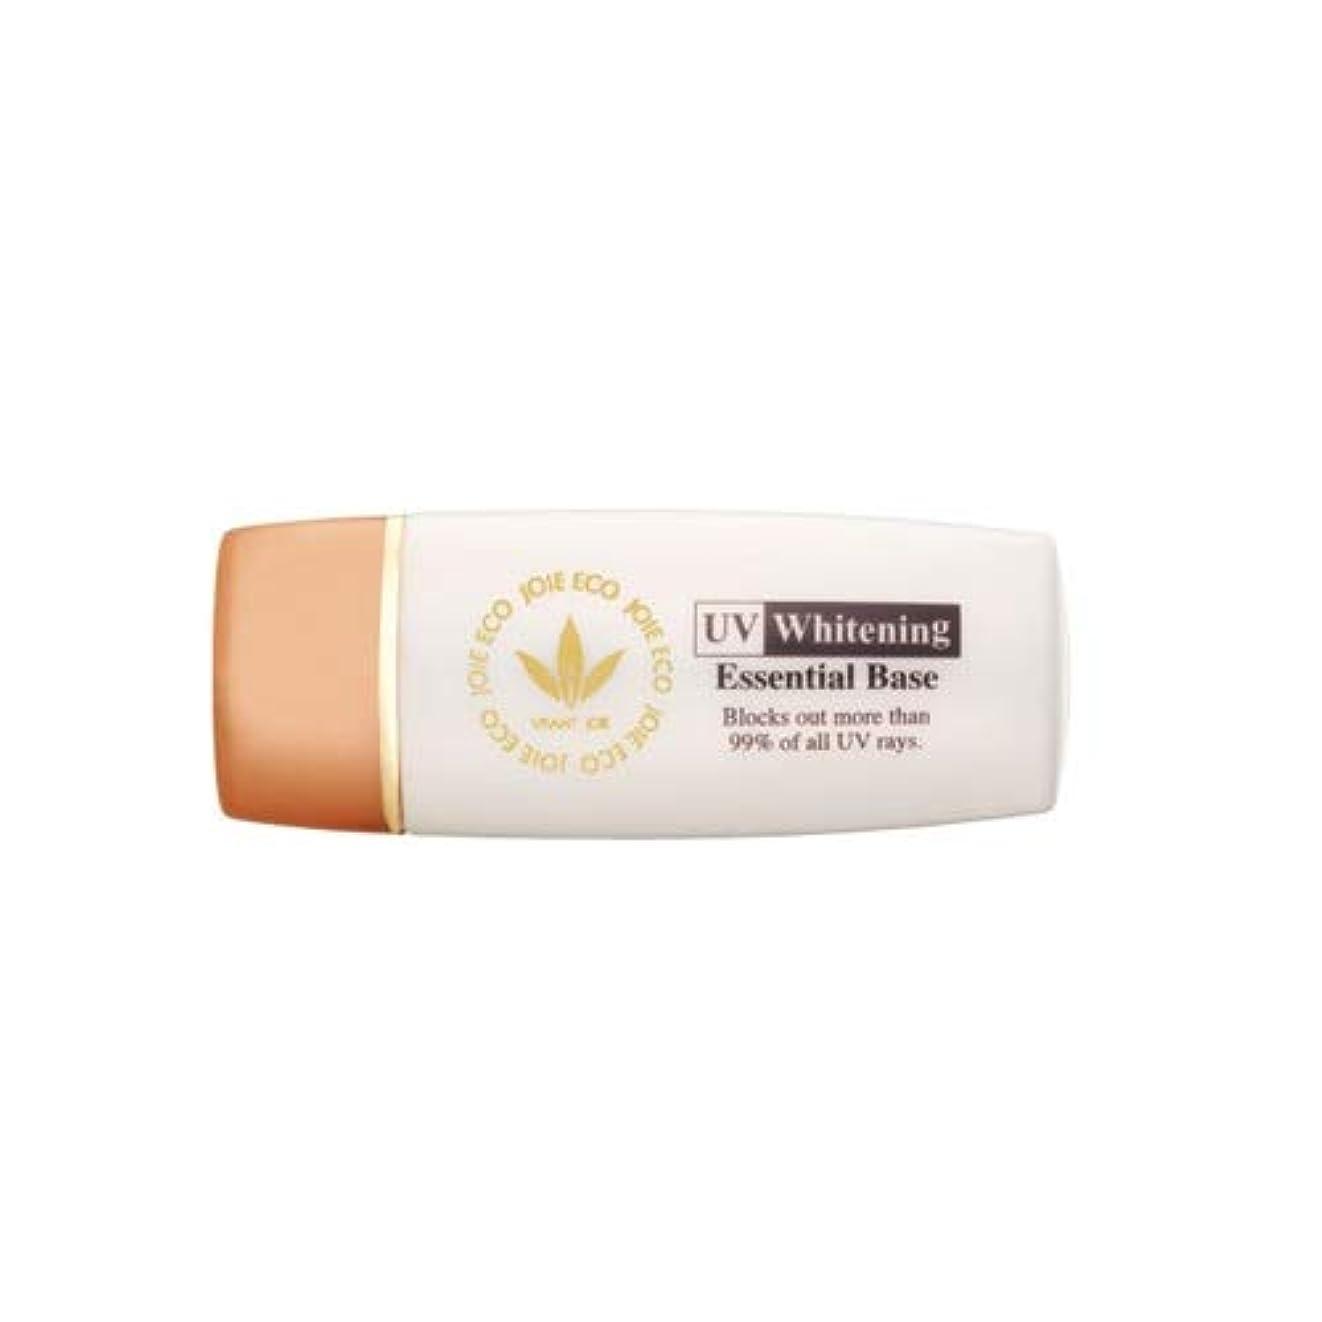 慢排気肉ビーバンジョア VIVANTJOIE 「薬用UV美白エッセンシャルベース」 12ml 470AC